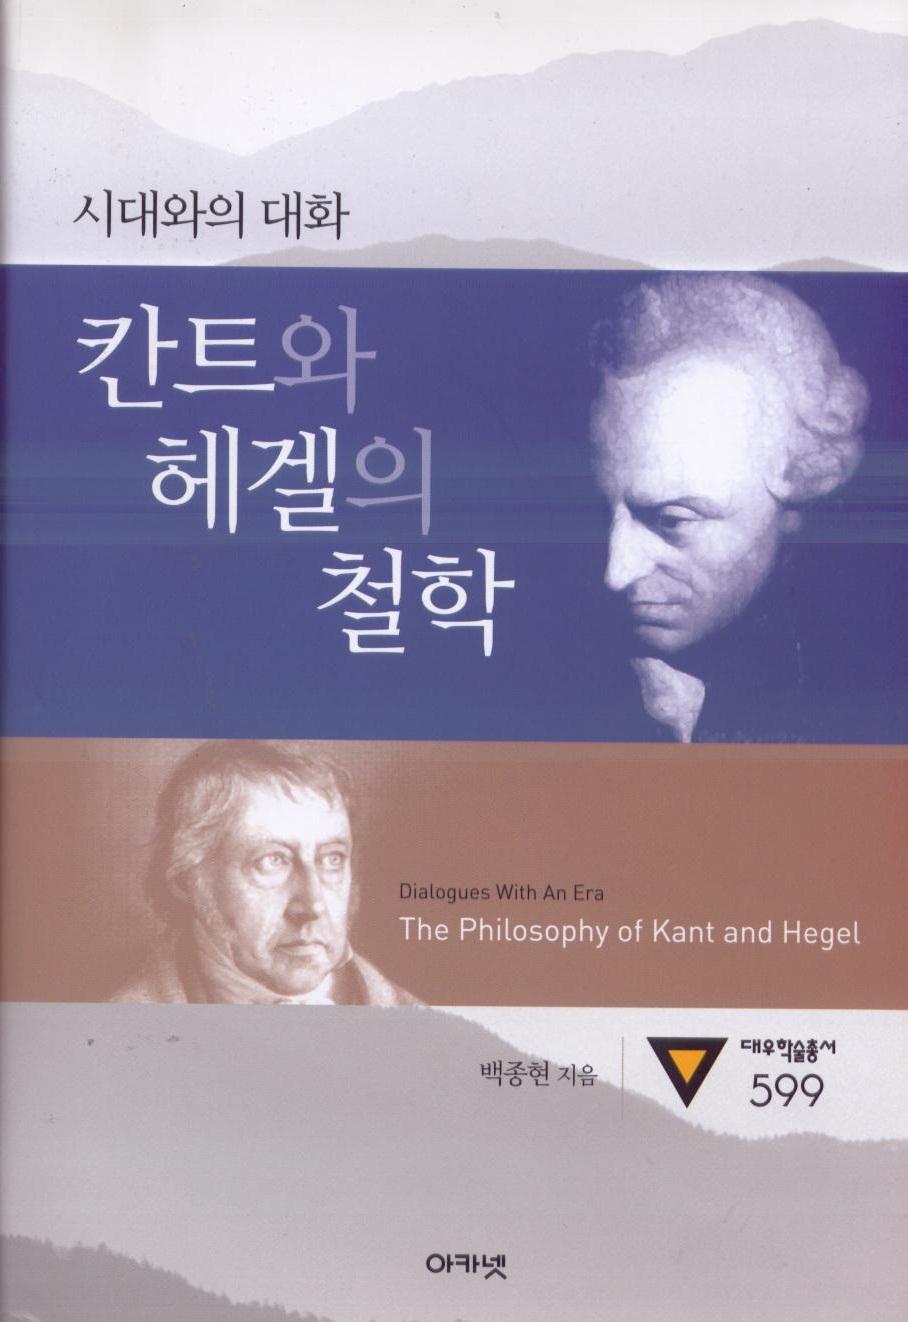 대우재단 대우학술총서 제599권 칸트와 헤겔의 철학 written by 백종현 and published by 아카넷 in 2010